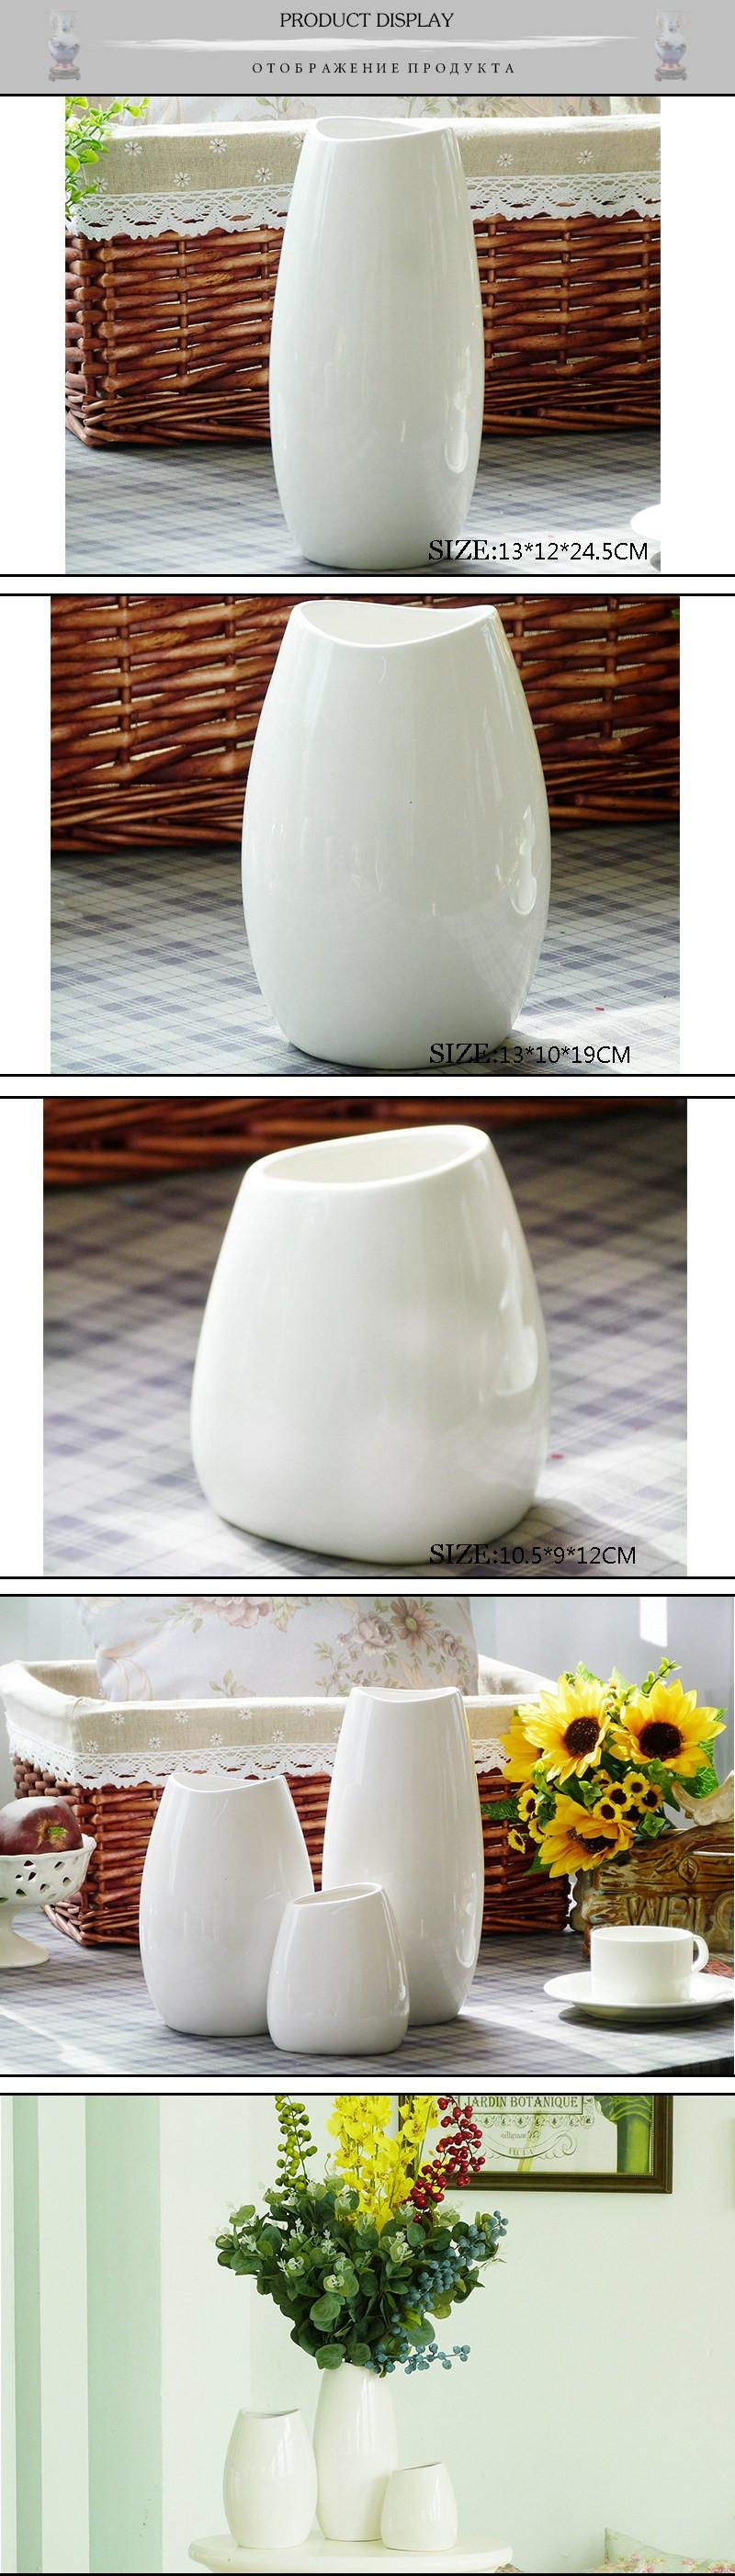 Modern White Ceramic Vase Of A‰§classic Crafts White Porcelain Vase Modern Desktop Small Vase Regarding Classic Crafts White Porcelain Vase Modern Desktop Small Vase Creative Home Decoration Gifts Ulknn